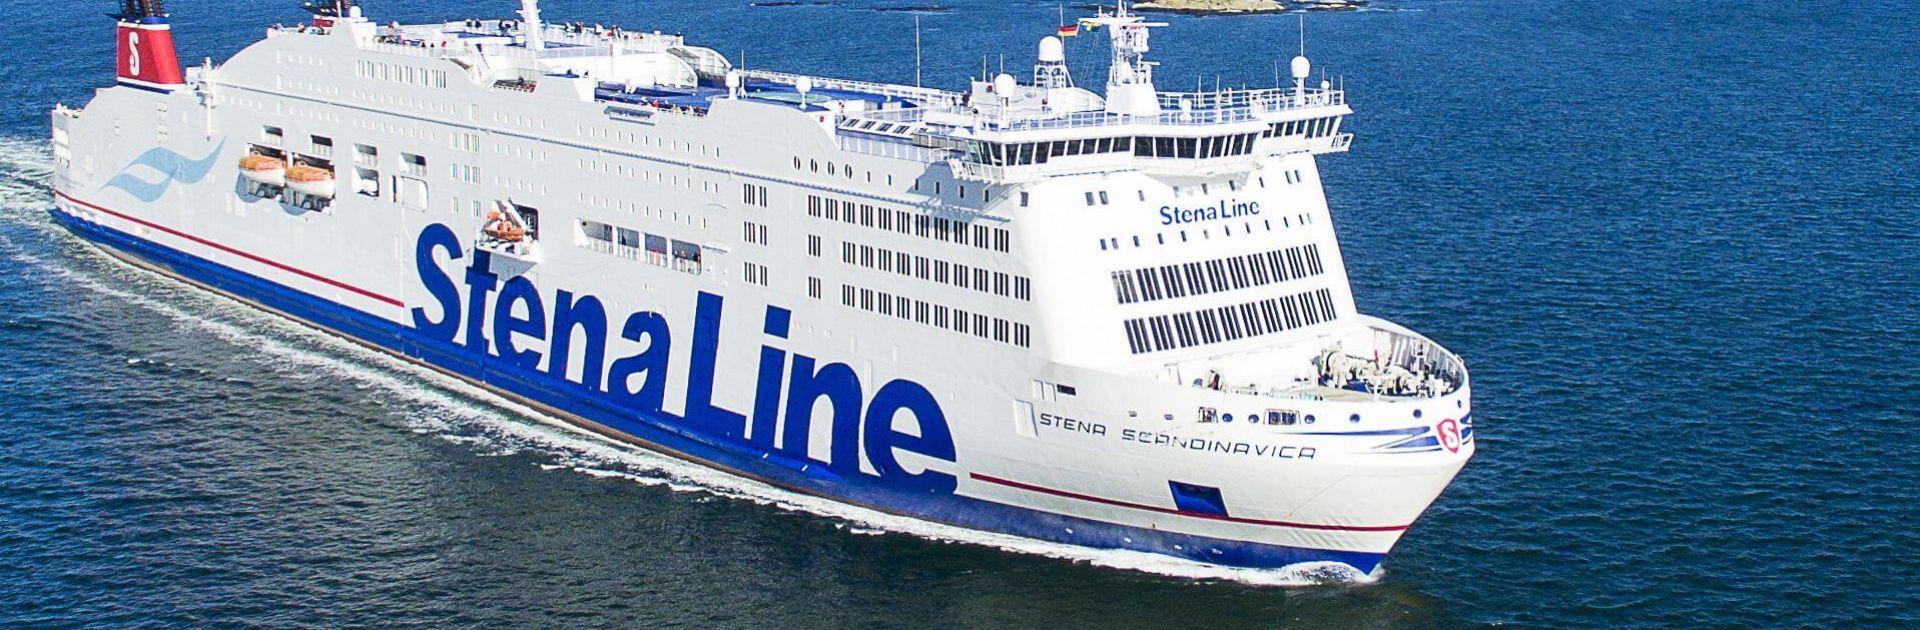 Keltų bilietai geromis kainomis. Stena Line, DFDS seaways, Tallink, Viking Line, Polferries linijų keltų bilietai Klaipėdoje ir Neringoje | Keliauk – Jūsų partneris kelyje.